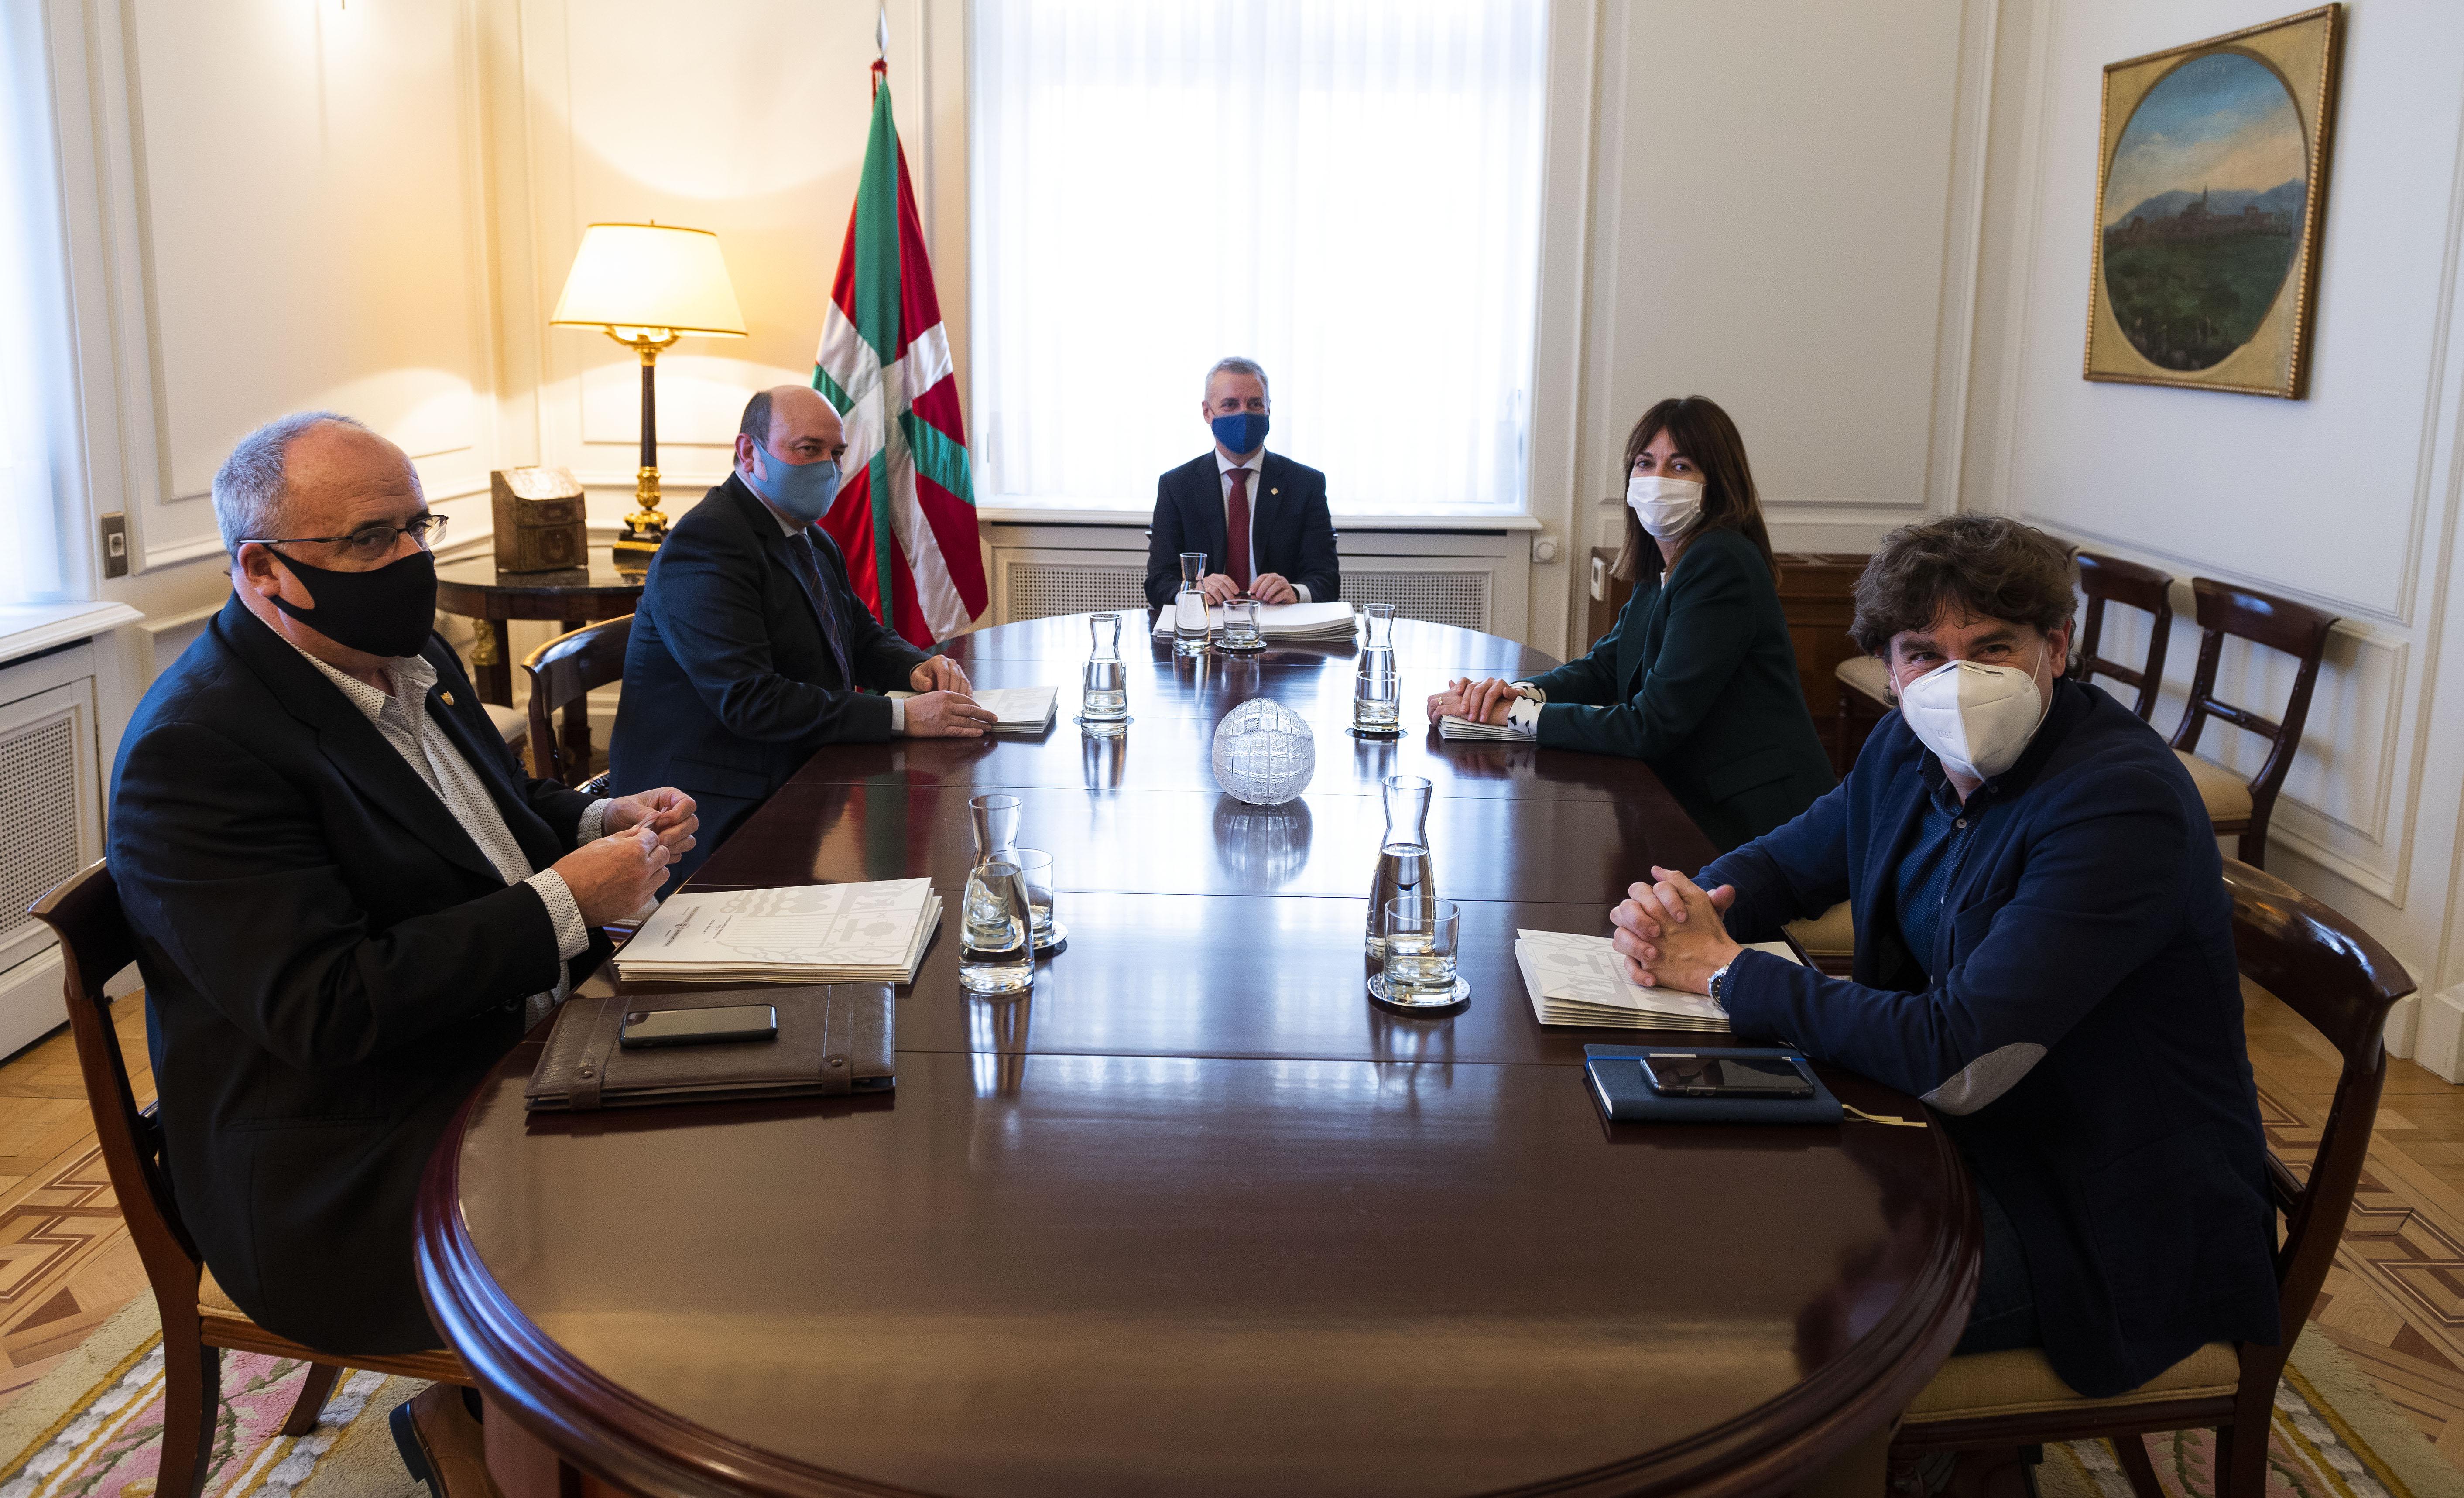 El Lehendakari se reúne con los representantes de EAJ-PNV y PSE-EE [1:34]